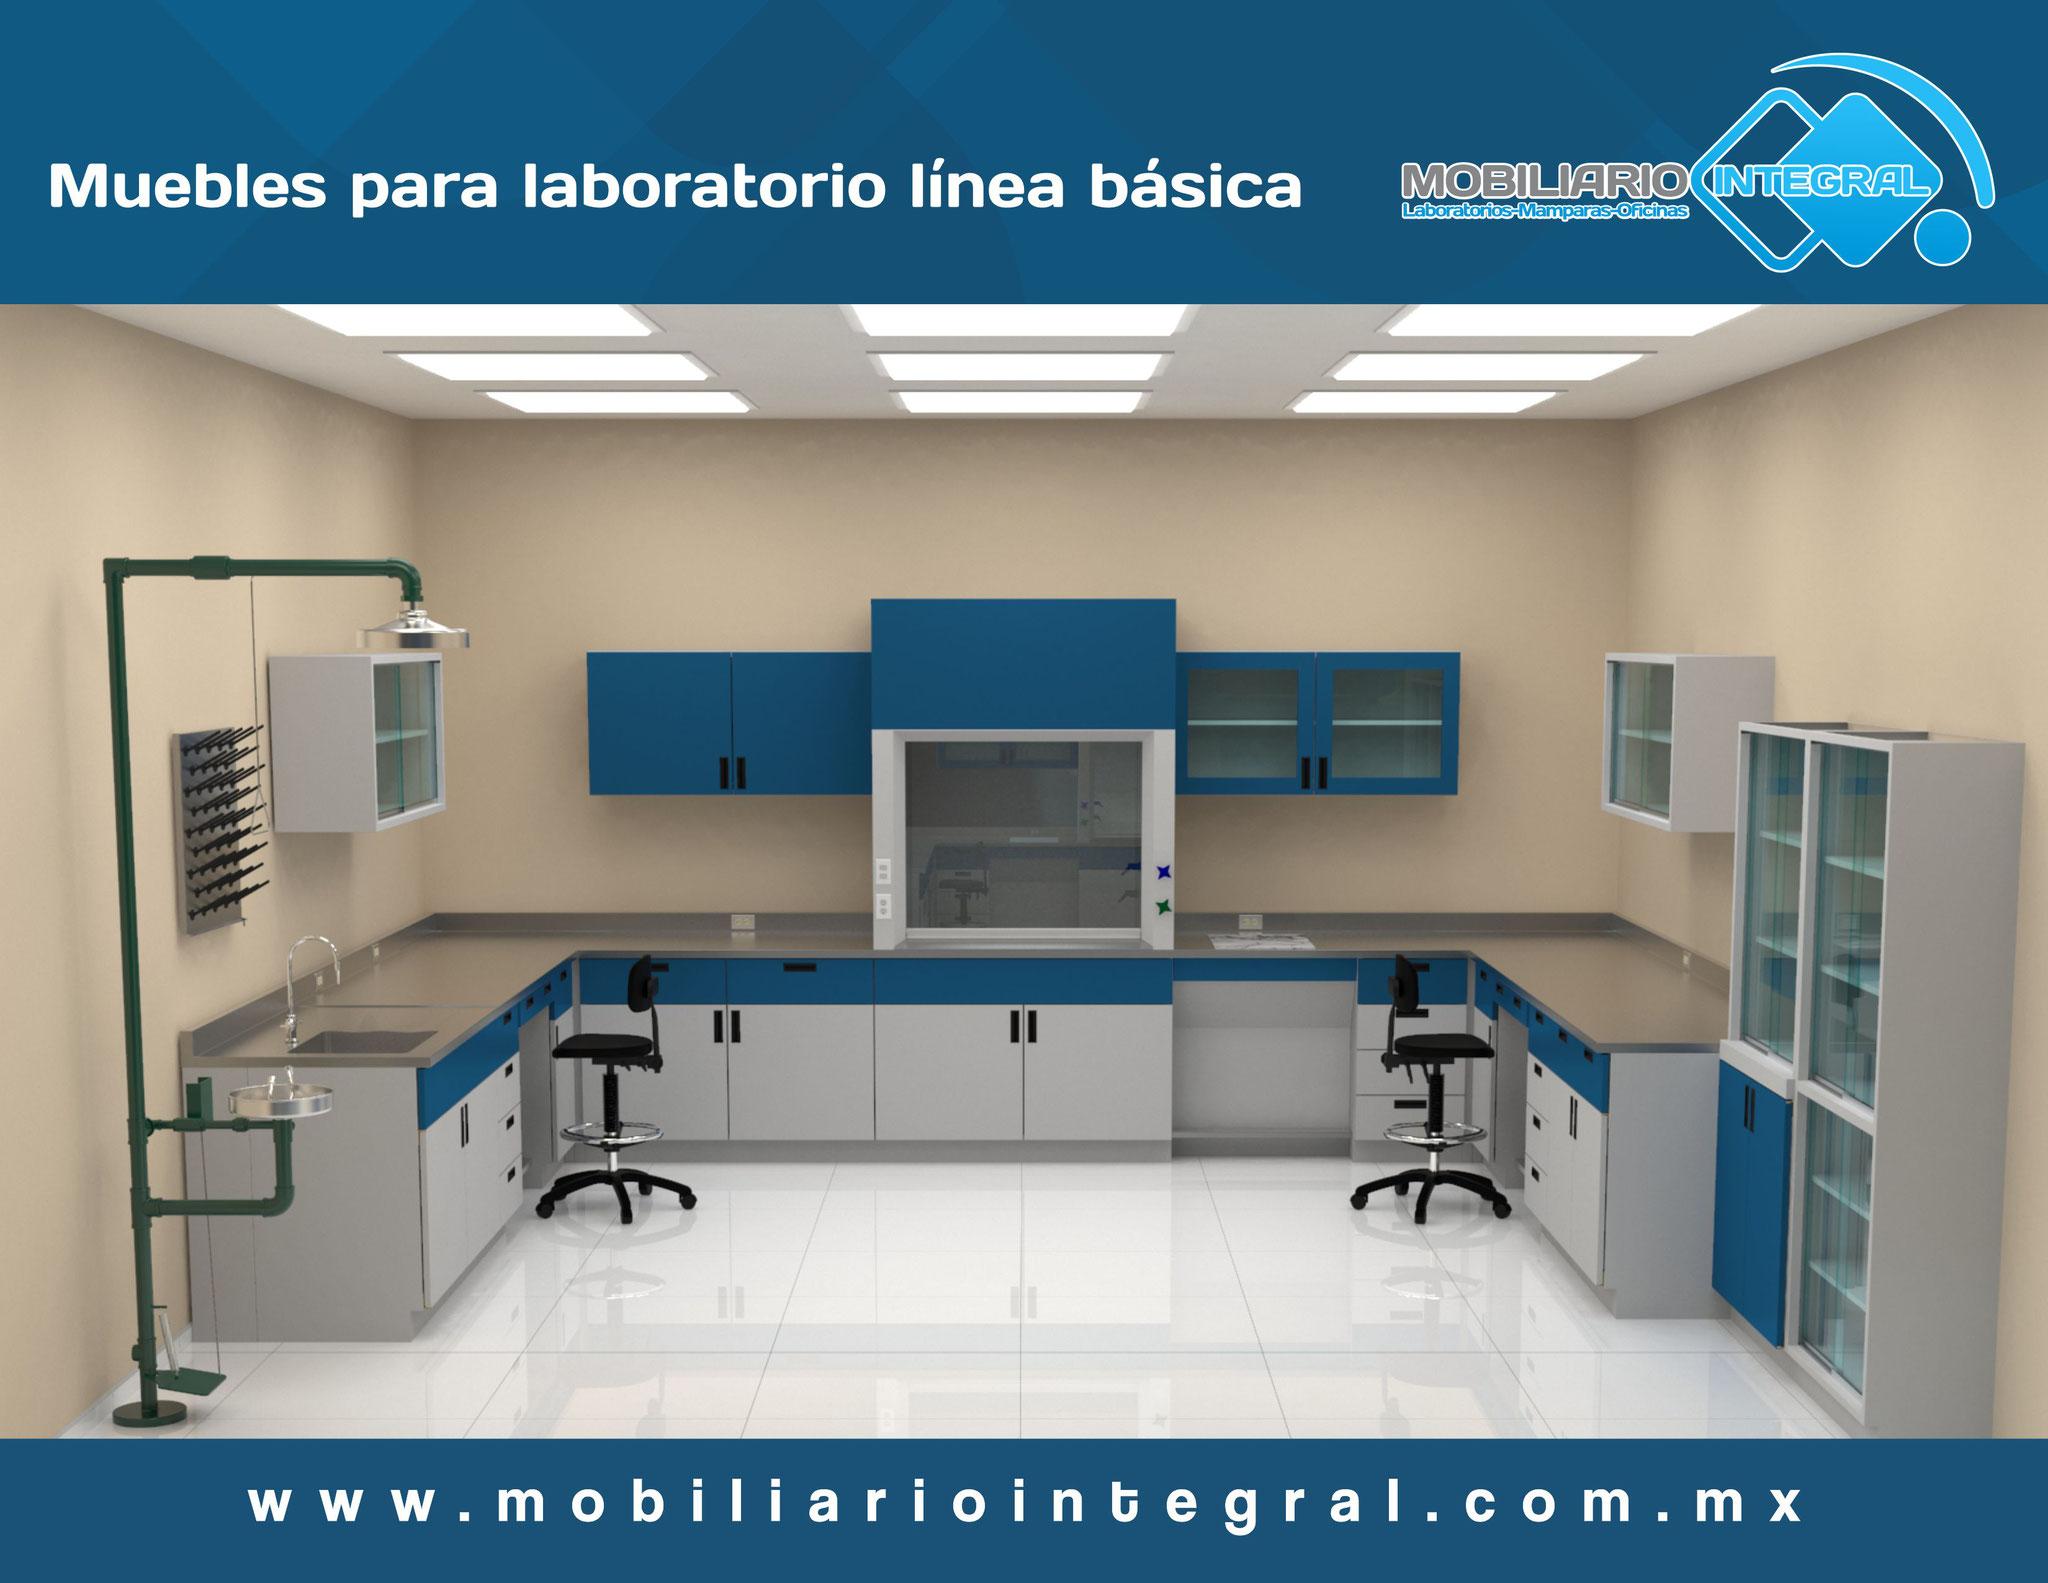 Muebles para laboratorio en Chimalhuacán